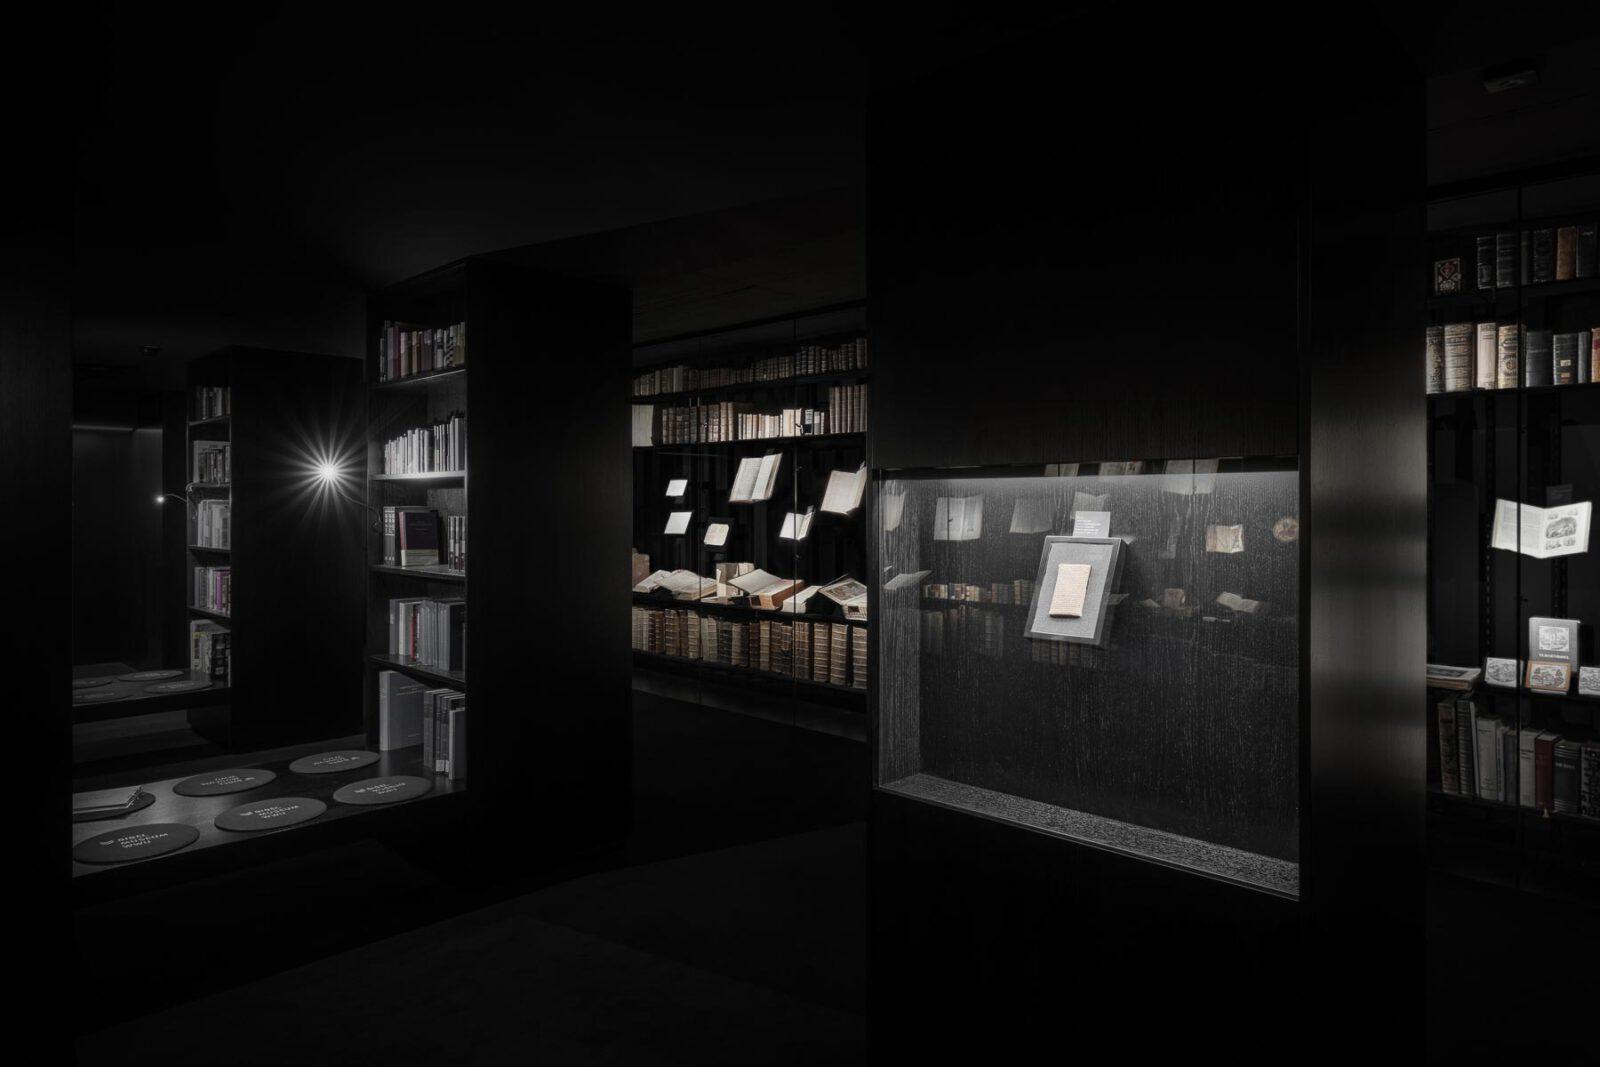 2_S_bearbeitet_Bok_Bibelmuseum_23-01-2020_TE_5499_dunkel